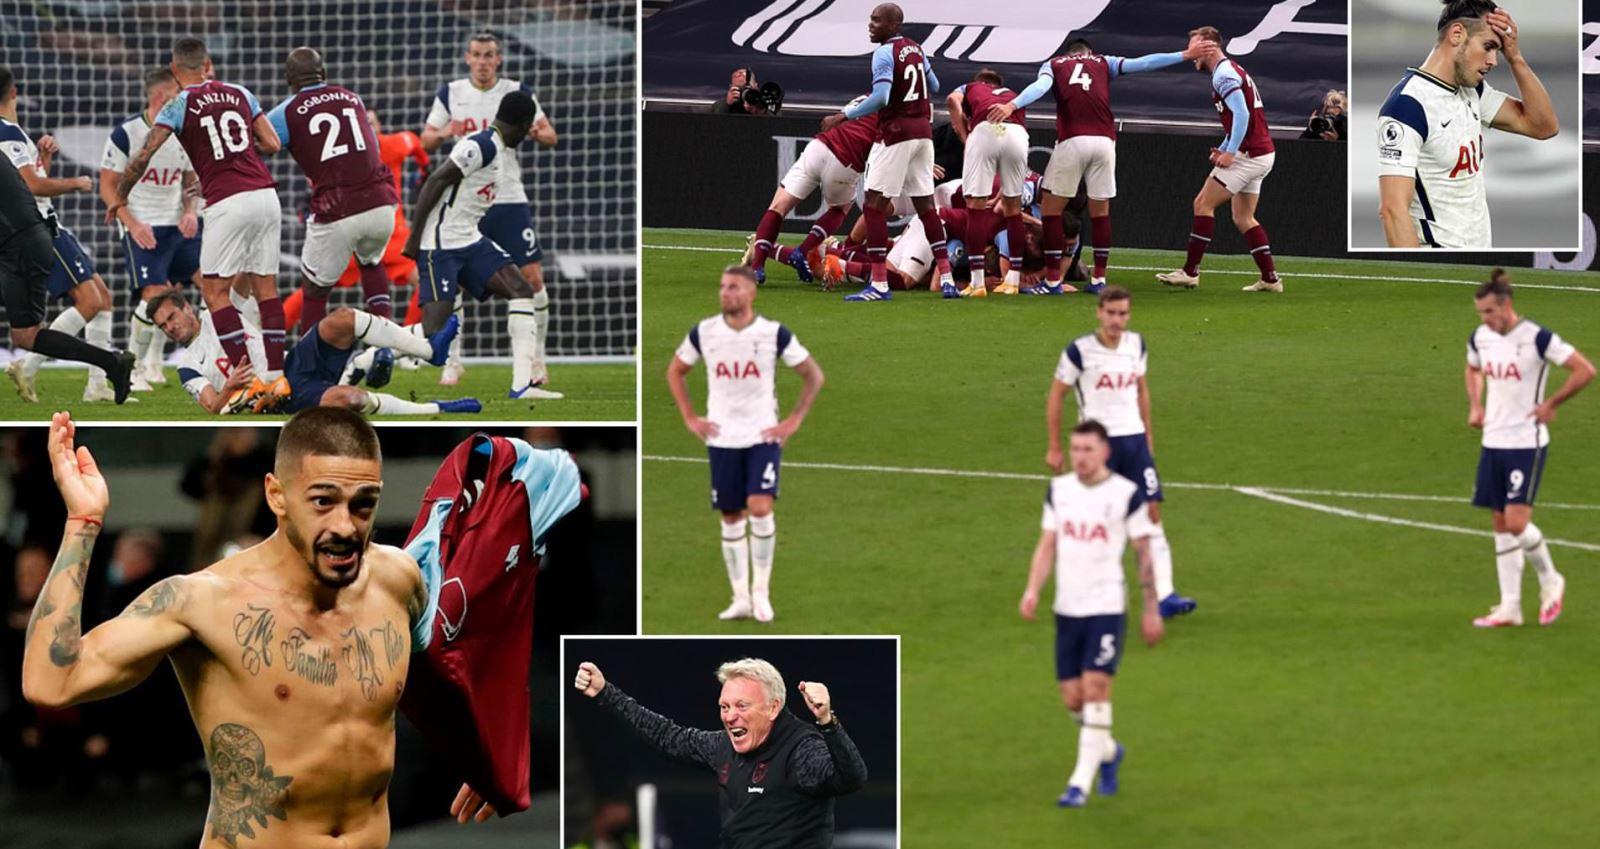 Bong da, Bóng đá hôm nay, Ket qua bong da, Van Dijk nghỉ 5 tháng, MU mua Sancho, tin bóng đá MU, chuyển nhượng MU, MU, Van Dijk chấn thương, Sancho, BXH bóng đá Anh, kqbd